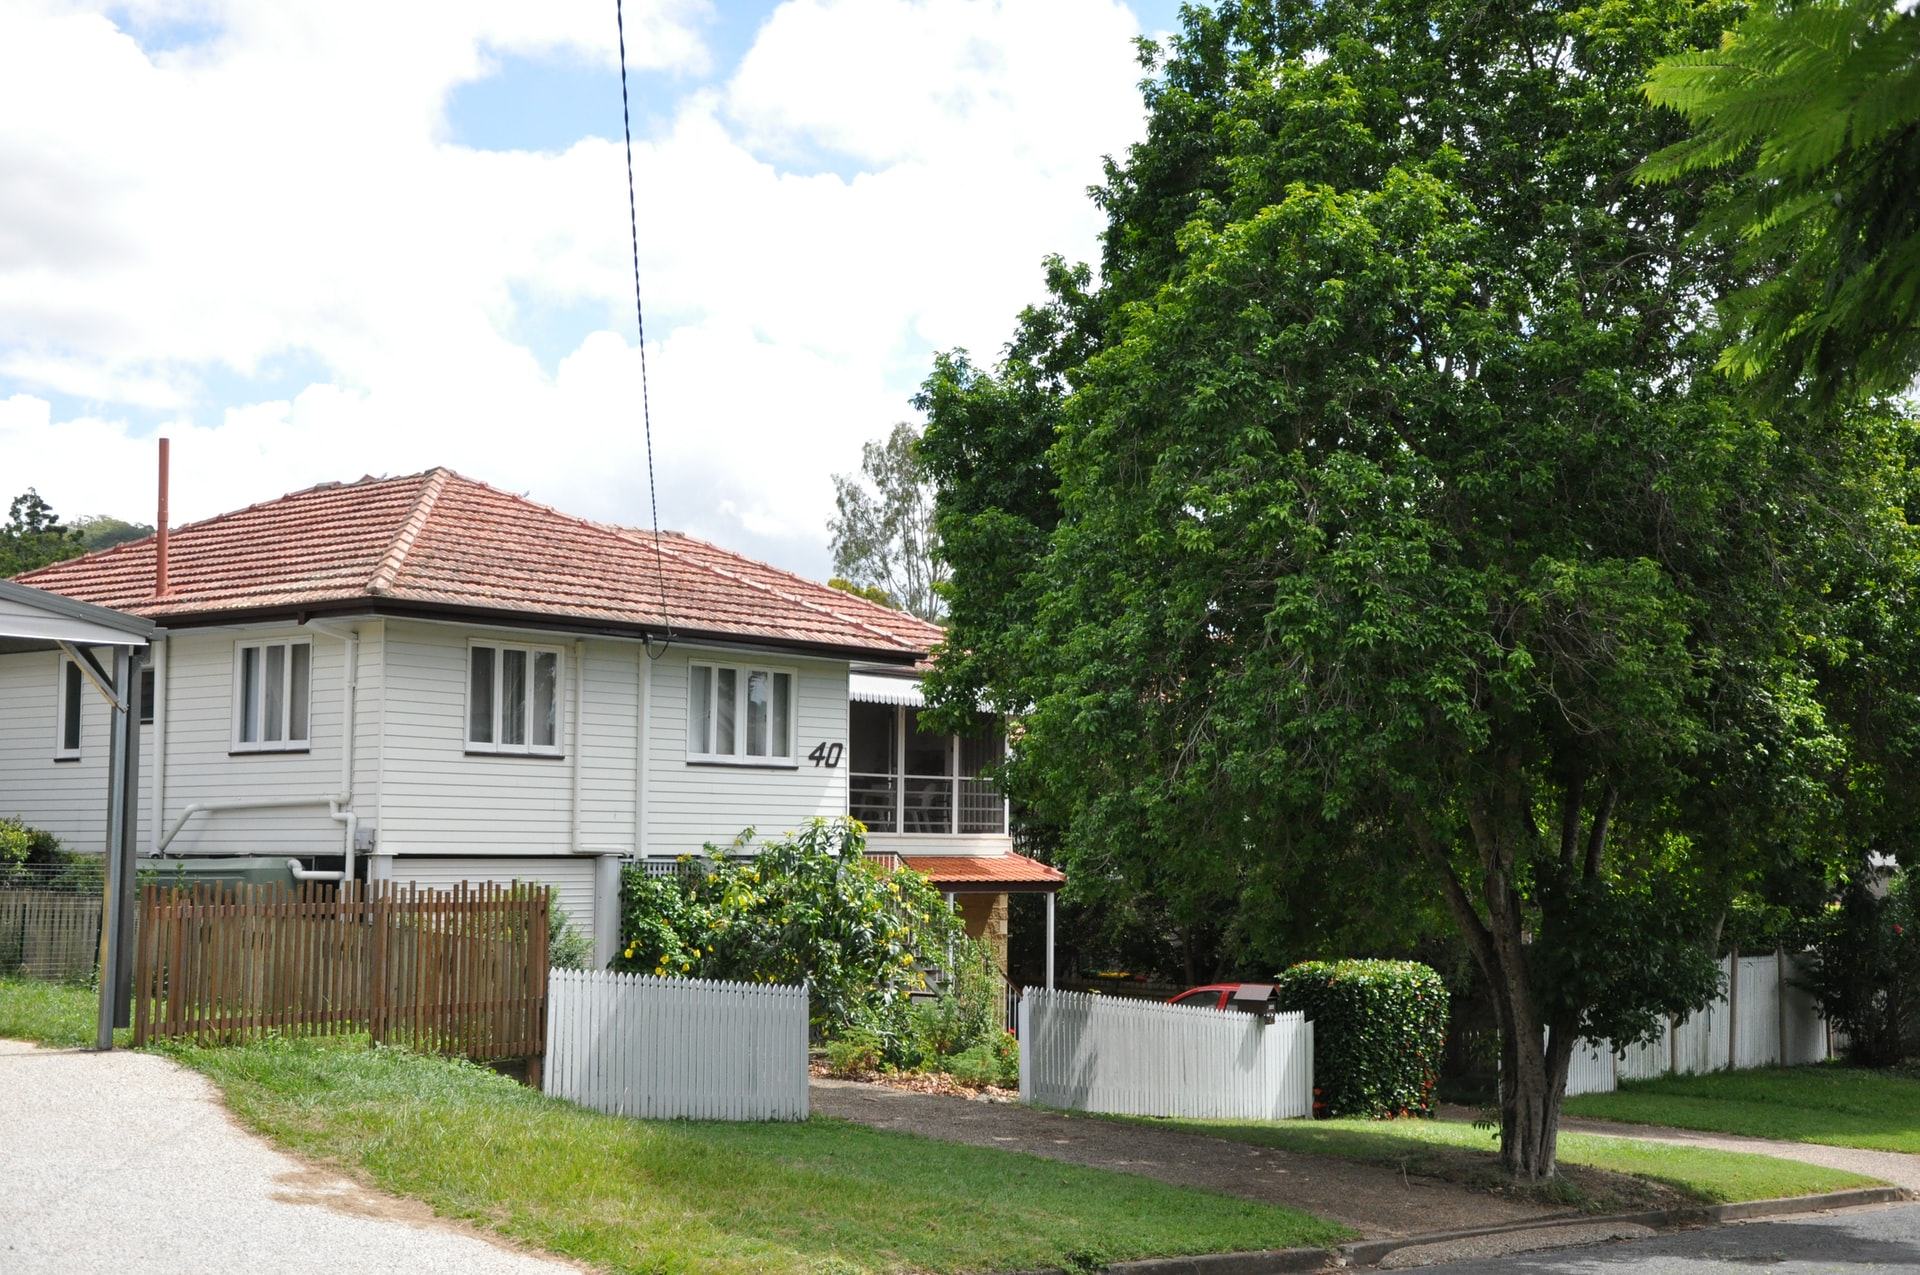 house on Australian street